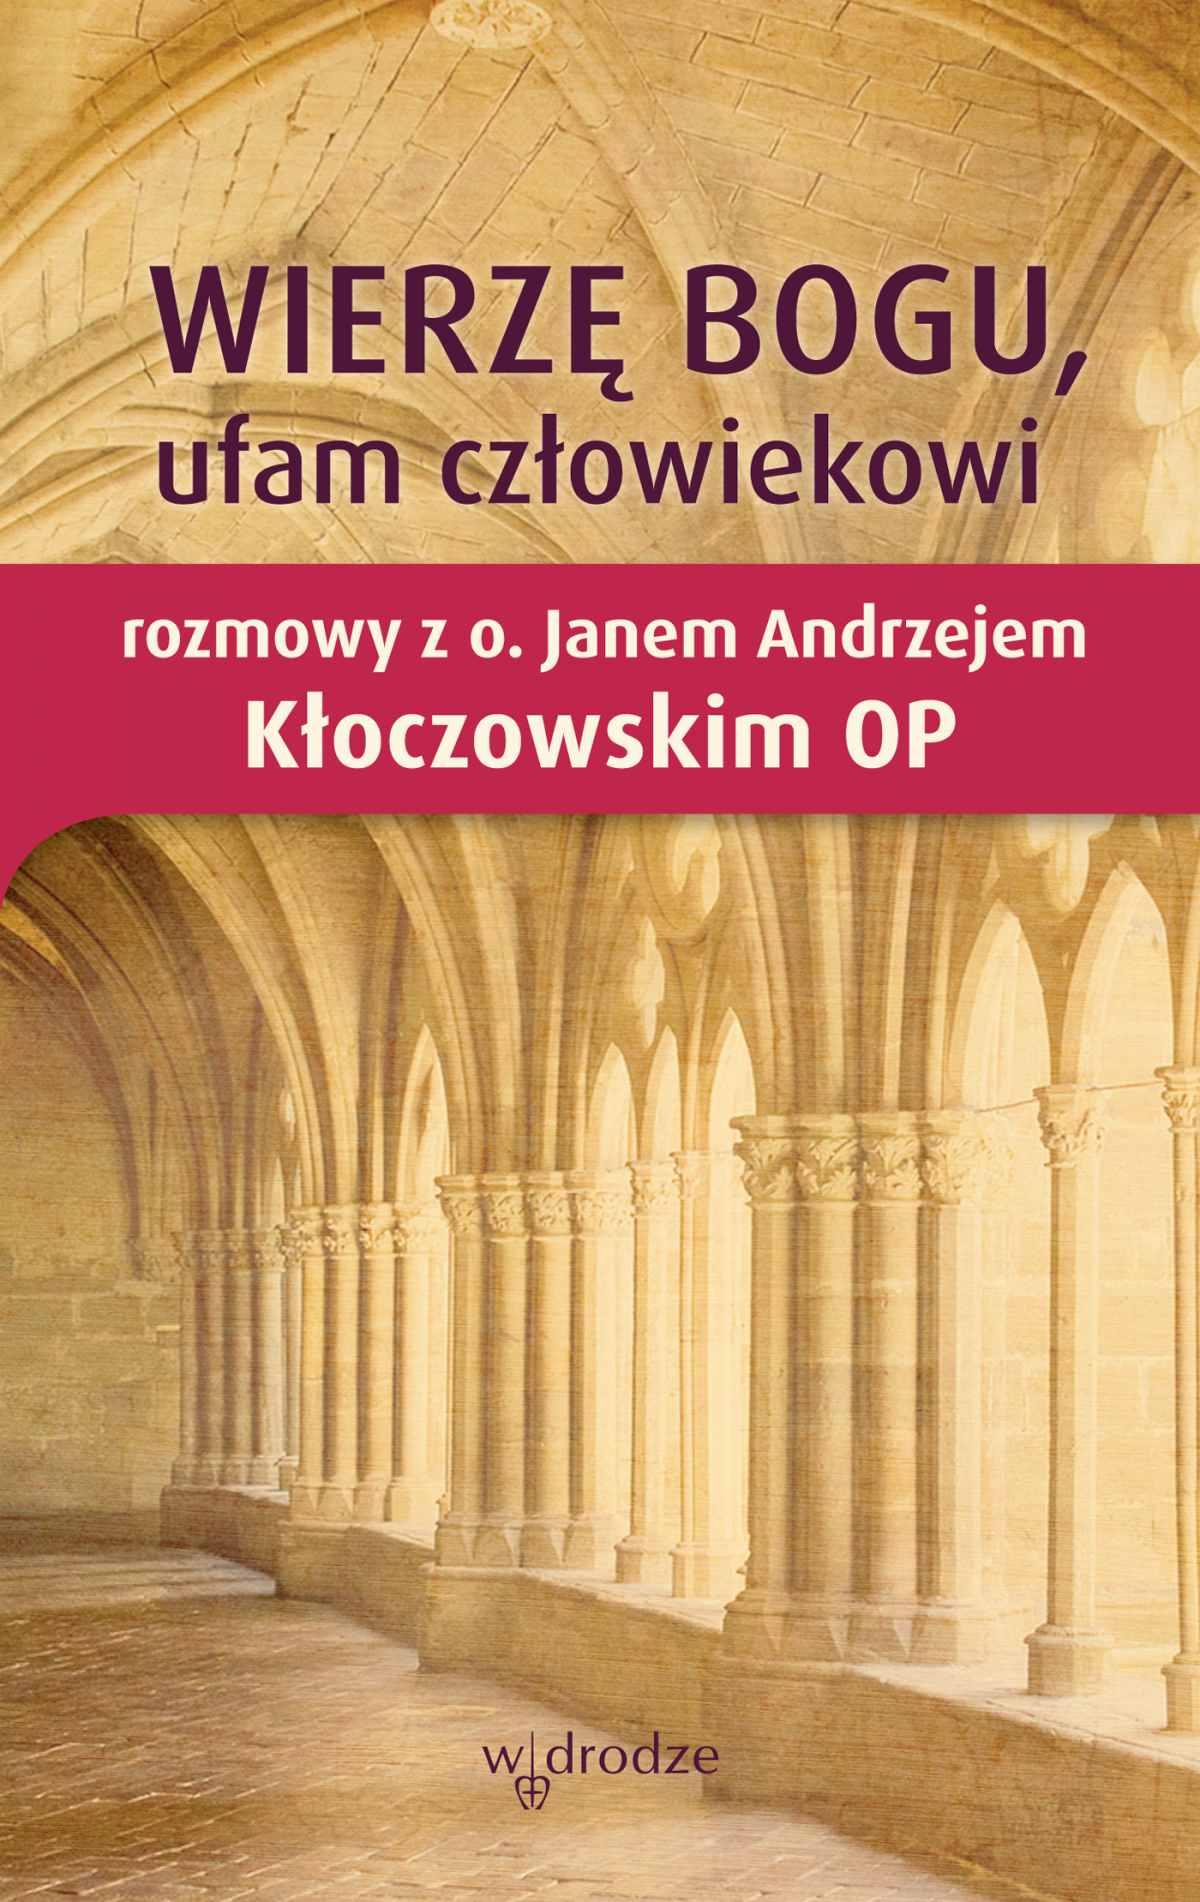 Wierzę Bogu, ufam człowiekowi. Rozmowy z o. Janem Andrzejem Kłoczowskim OP - Ebook (Książka na Kindle) do pobrania w formacie MOBI